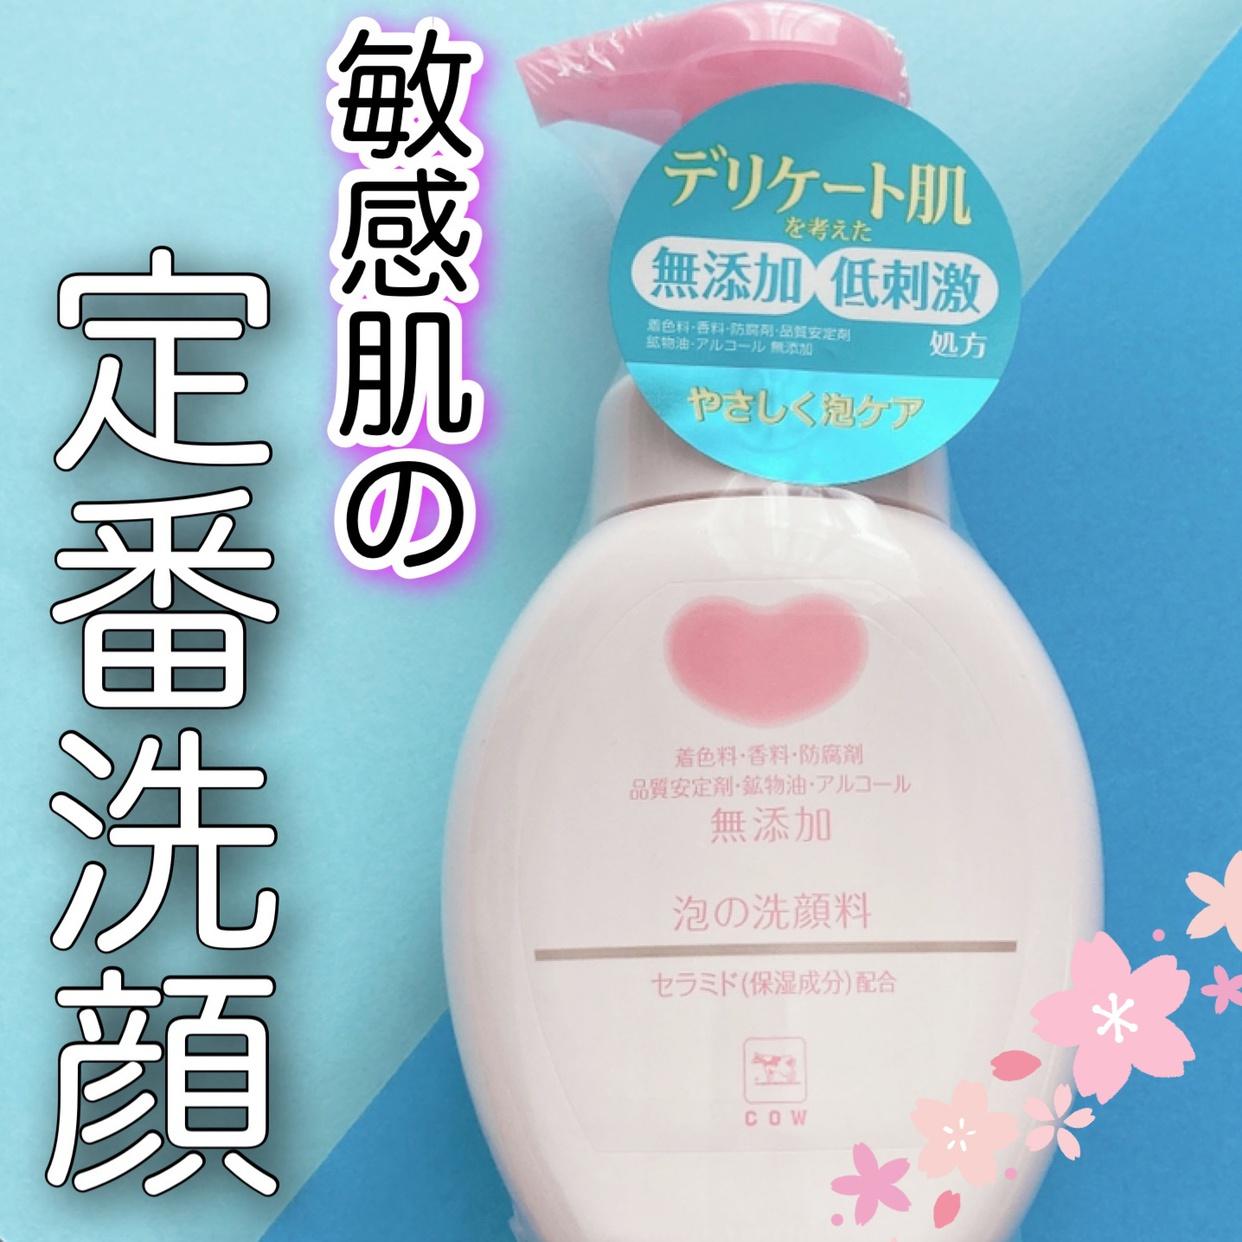 カウブランド 無添加泡の洗顔料を使ったyunaさんのクチコミ画像